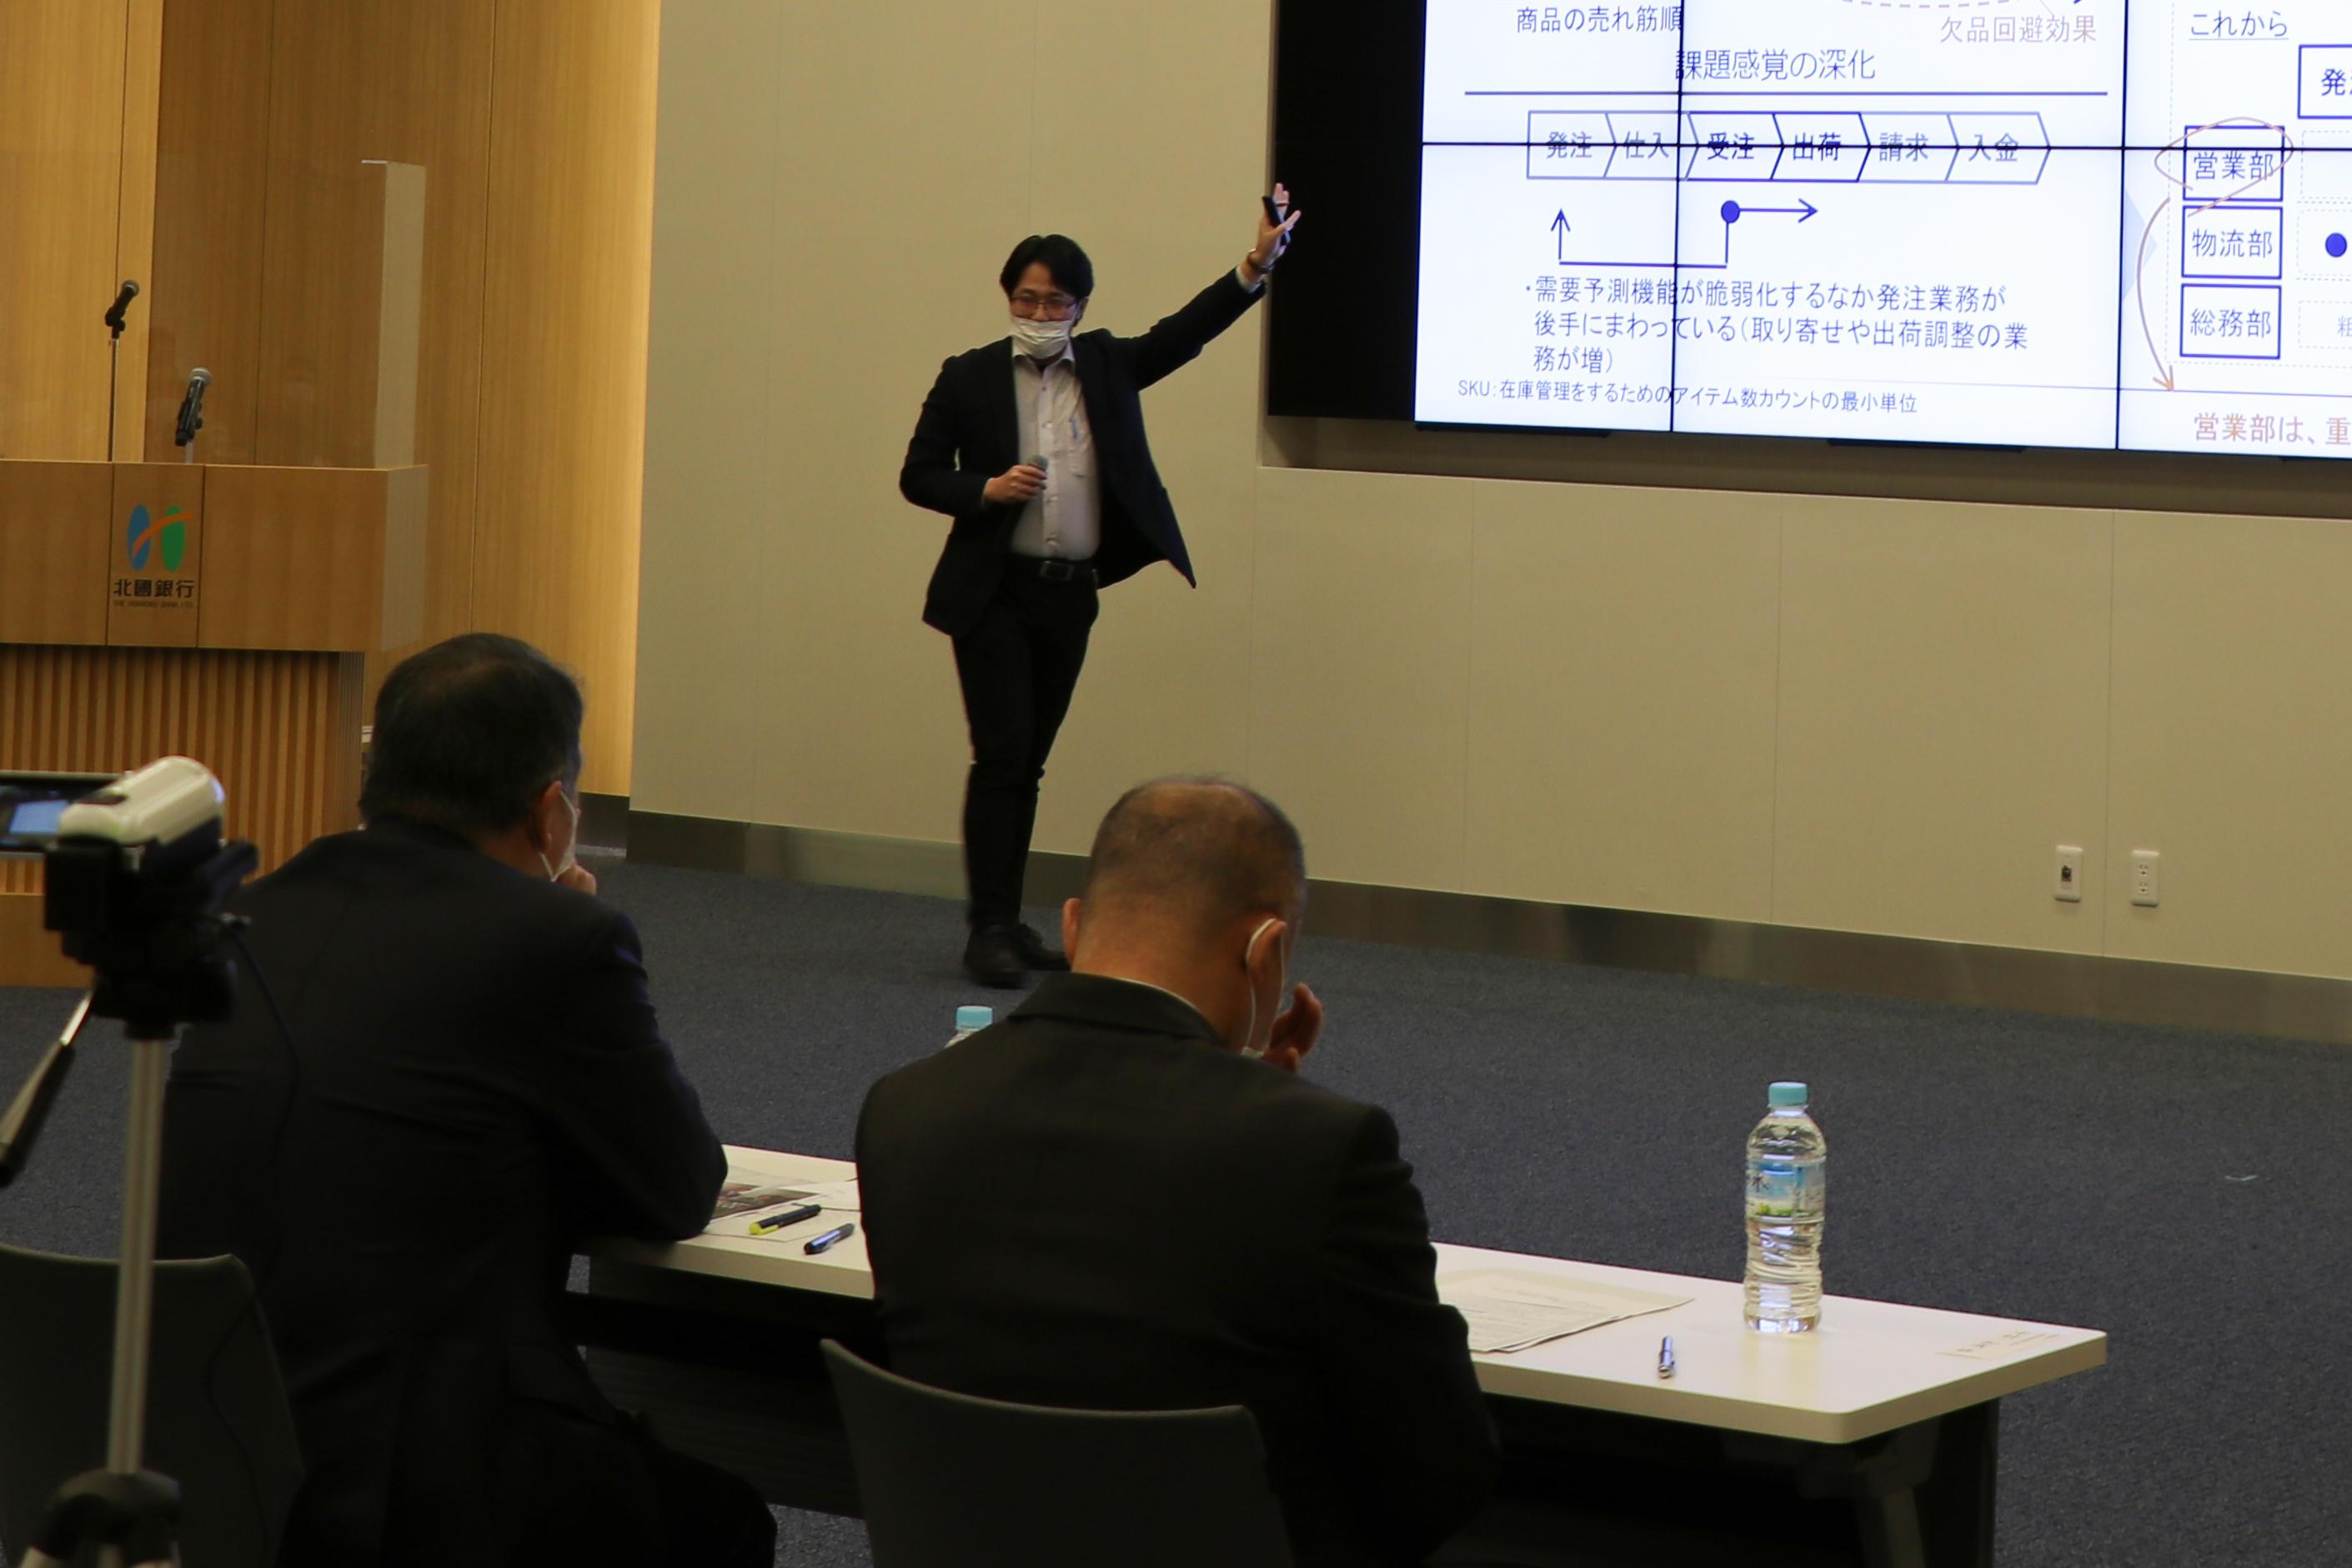 金沢大学が令和2年度「共創型企業・人材展開プログラム」研究発表会(修了式)を開催 -- 都市部の優秀な人材を石川県内の企業とマッチング、地域産業の発展をサポート